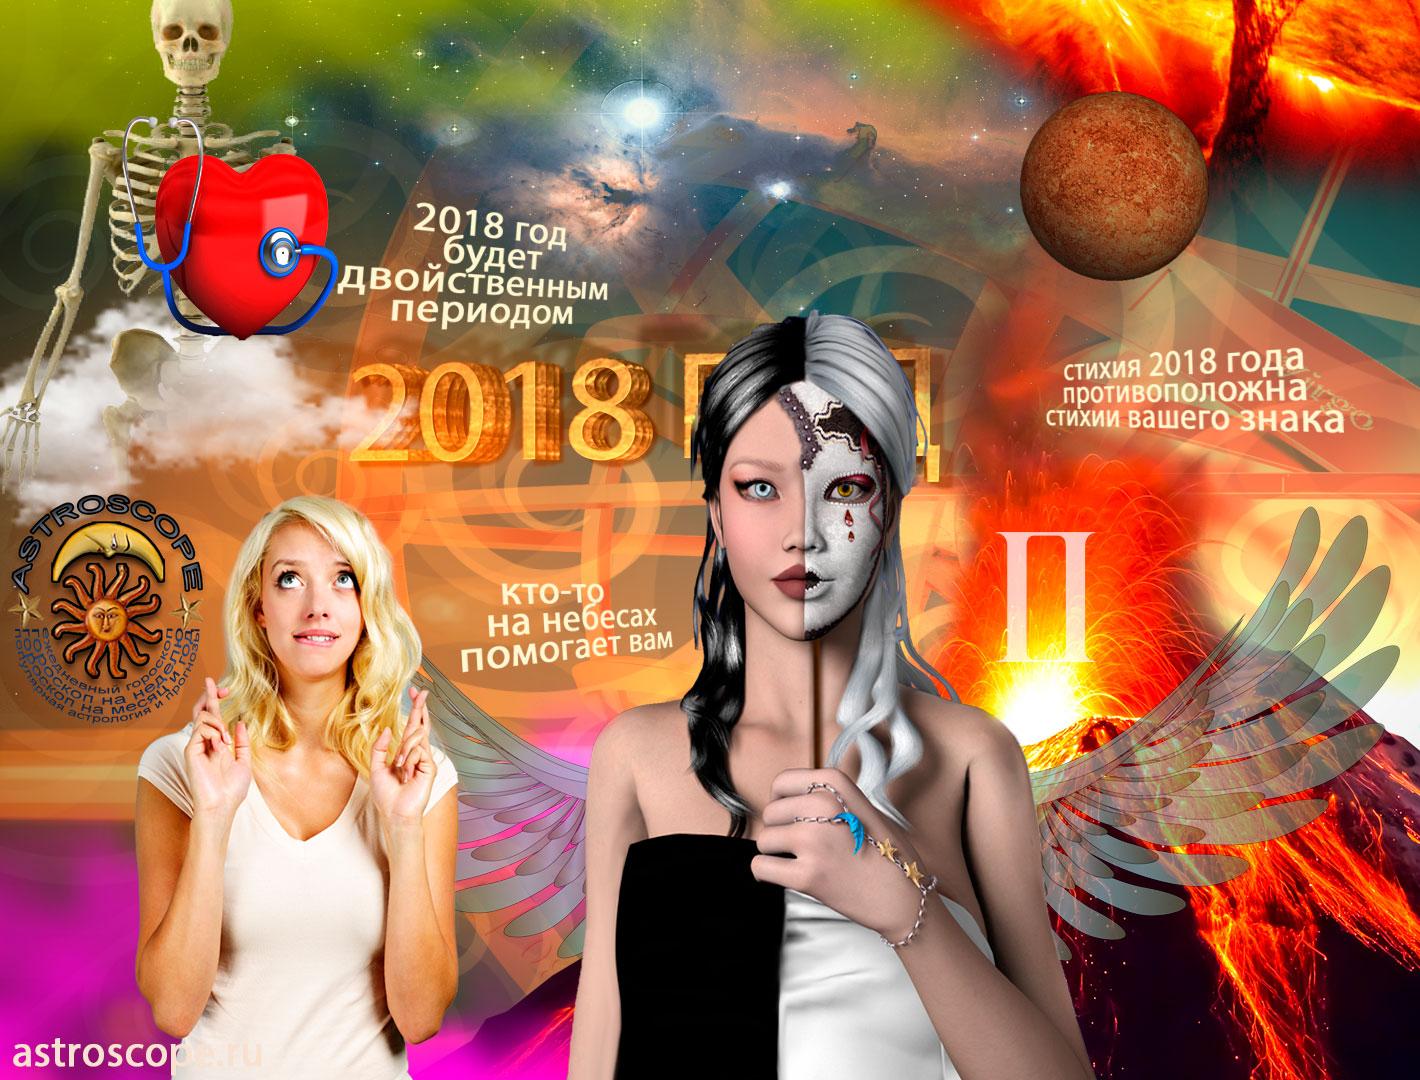 Гороскоп на 2018 Близнецы, что ждёт Близнецов в 2018 году